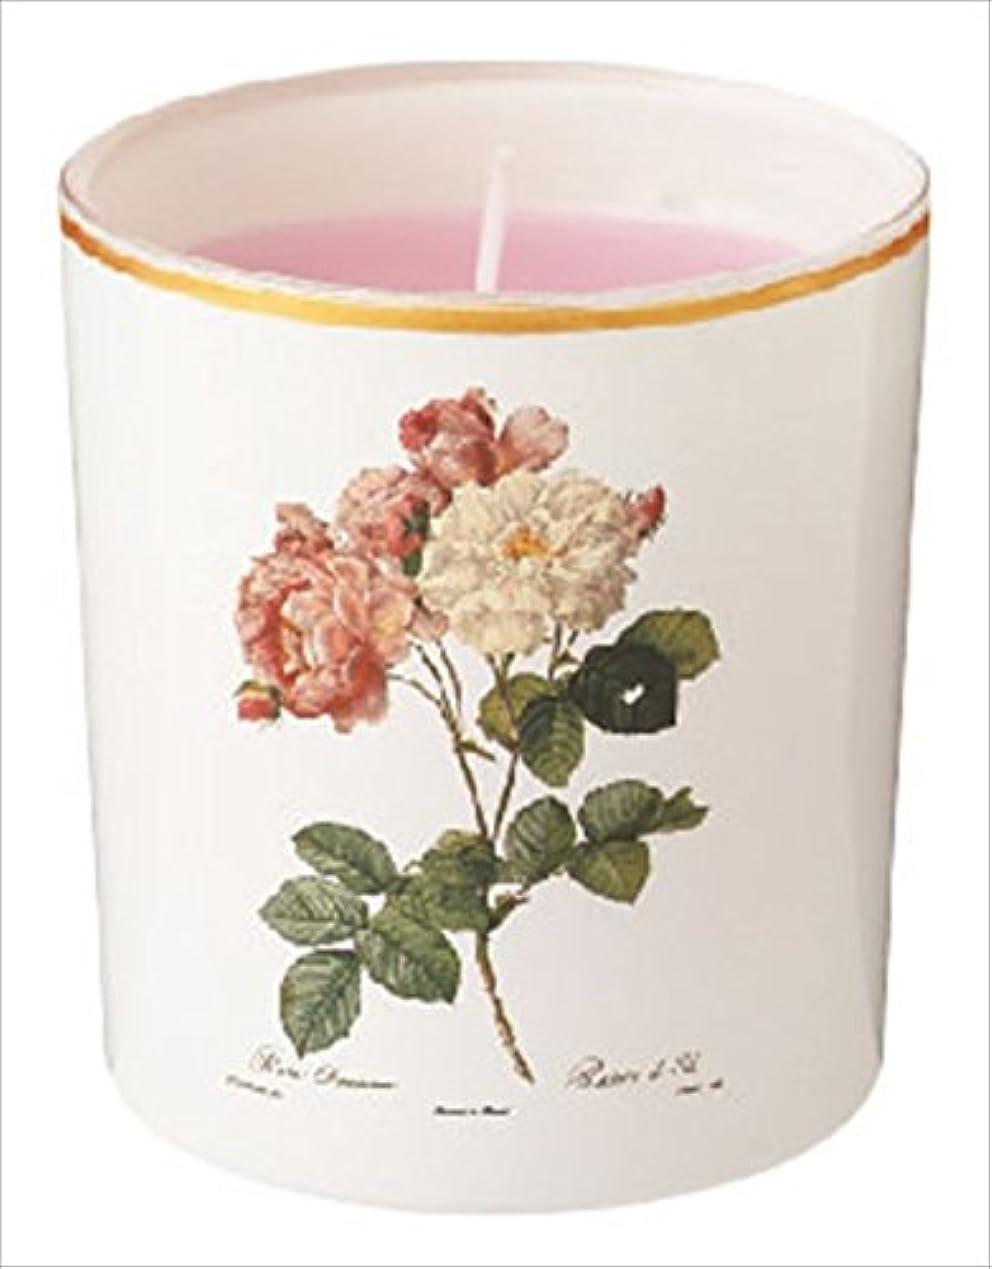 落ち着いたゴール快適カメヤマキャンドル(kameyama candle) ルドゥーテ グラスキャンドル 「 クラシックローズ 」